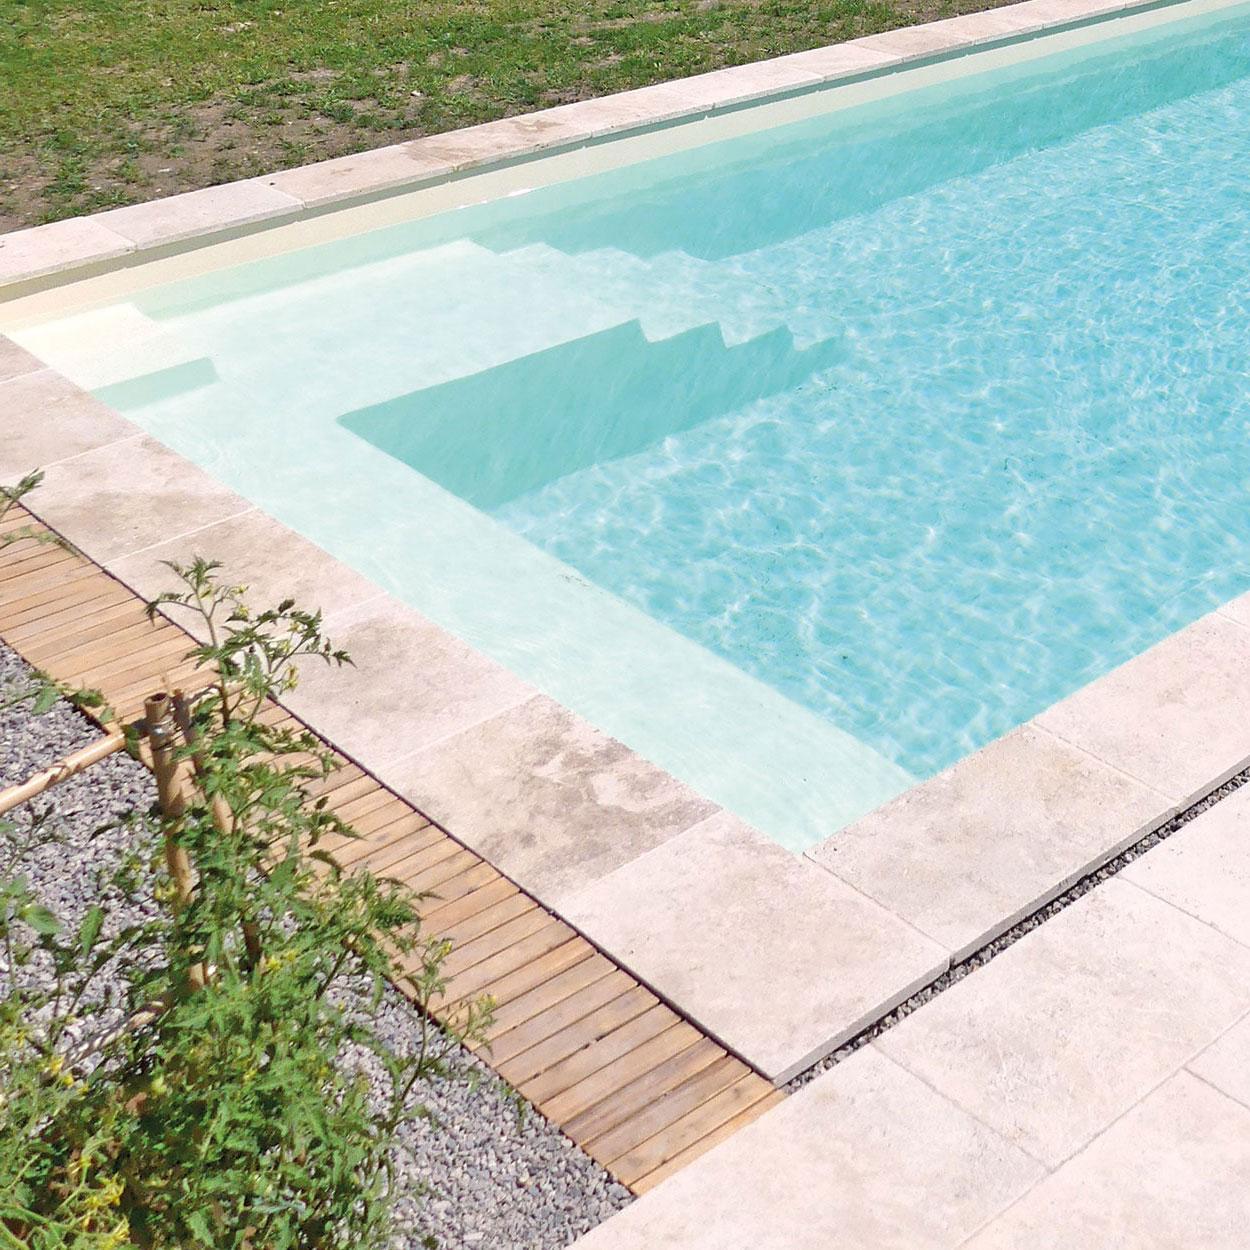 realisation-piscine-coque-mont-louis-alt Modèle Mont Louis